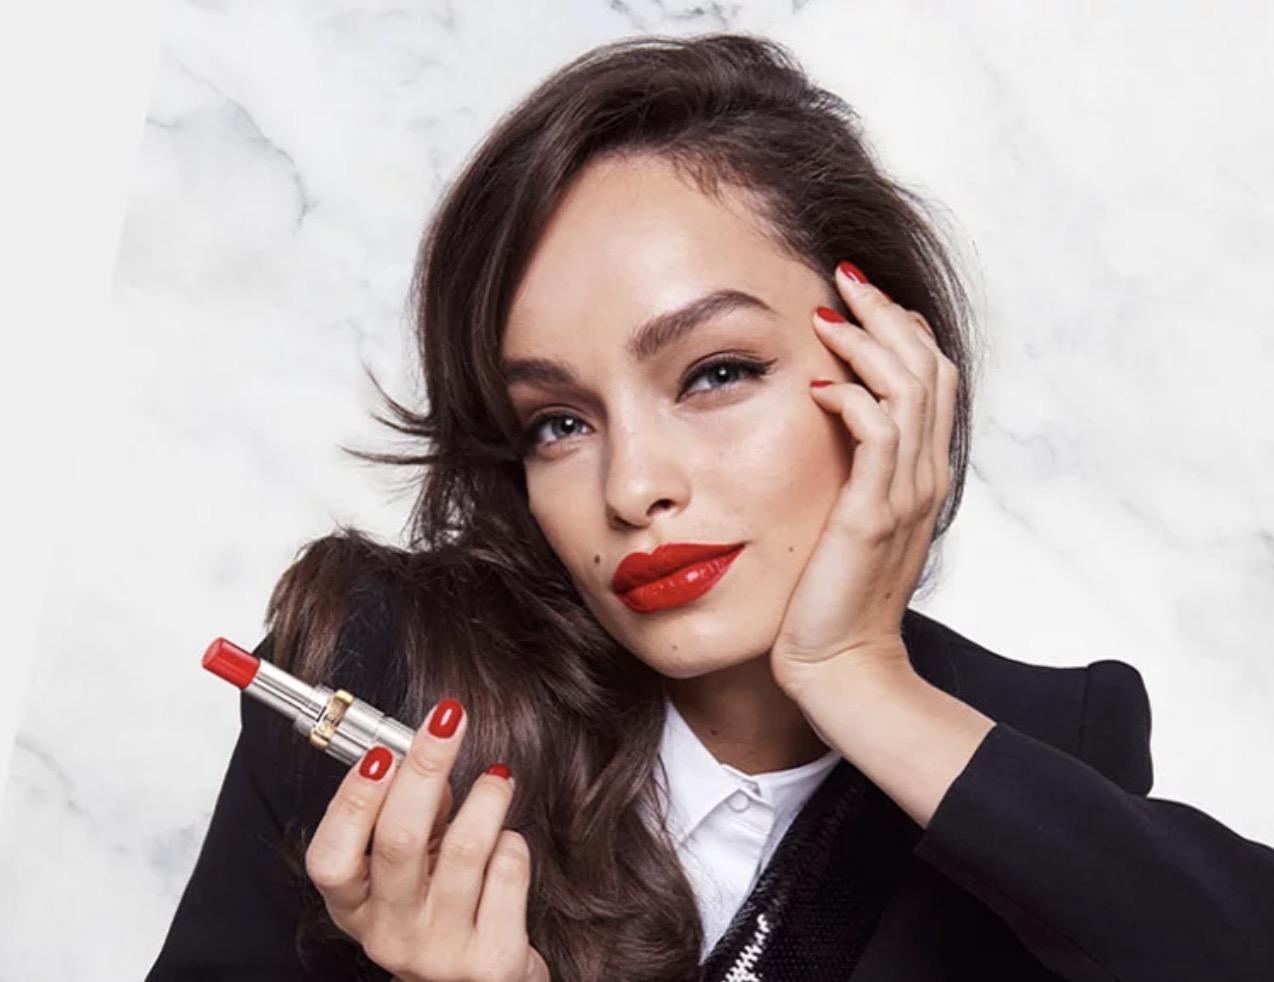 Code promo L'Oréal Paris : Recevez gratuitement et en avant première les nouveautés L'Oréal Paris avec le club des L'Oréalistas